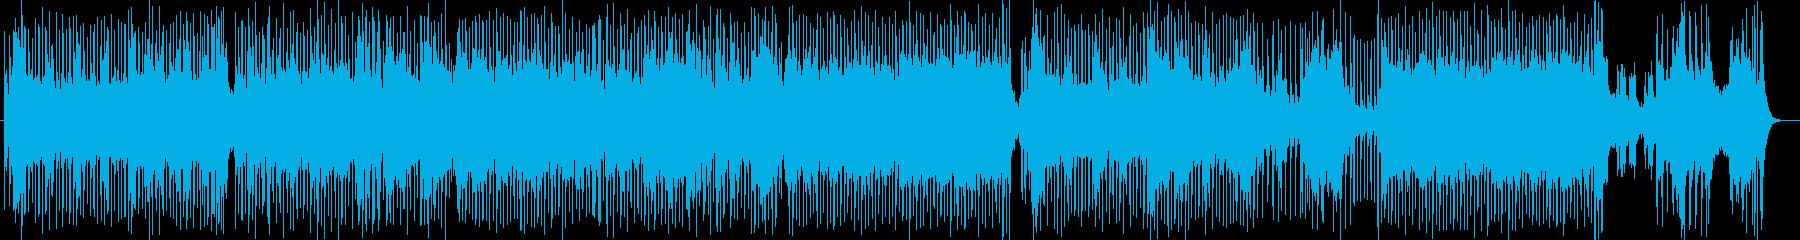 レトロでデジタルなゲーム風サウンドの再生済みの波形